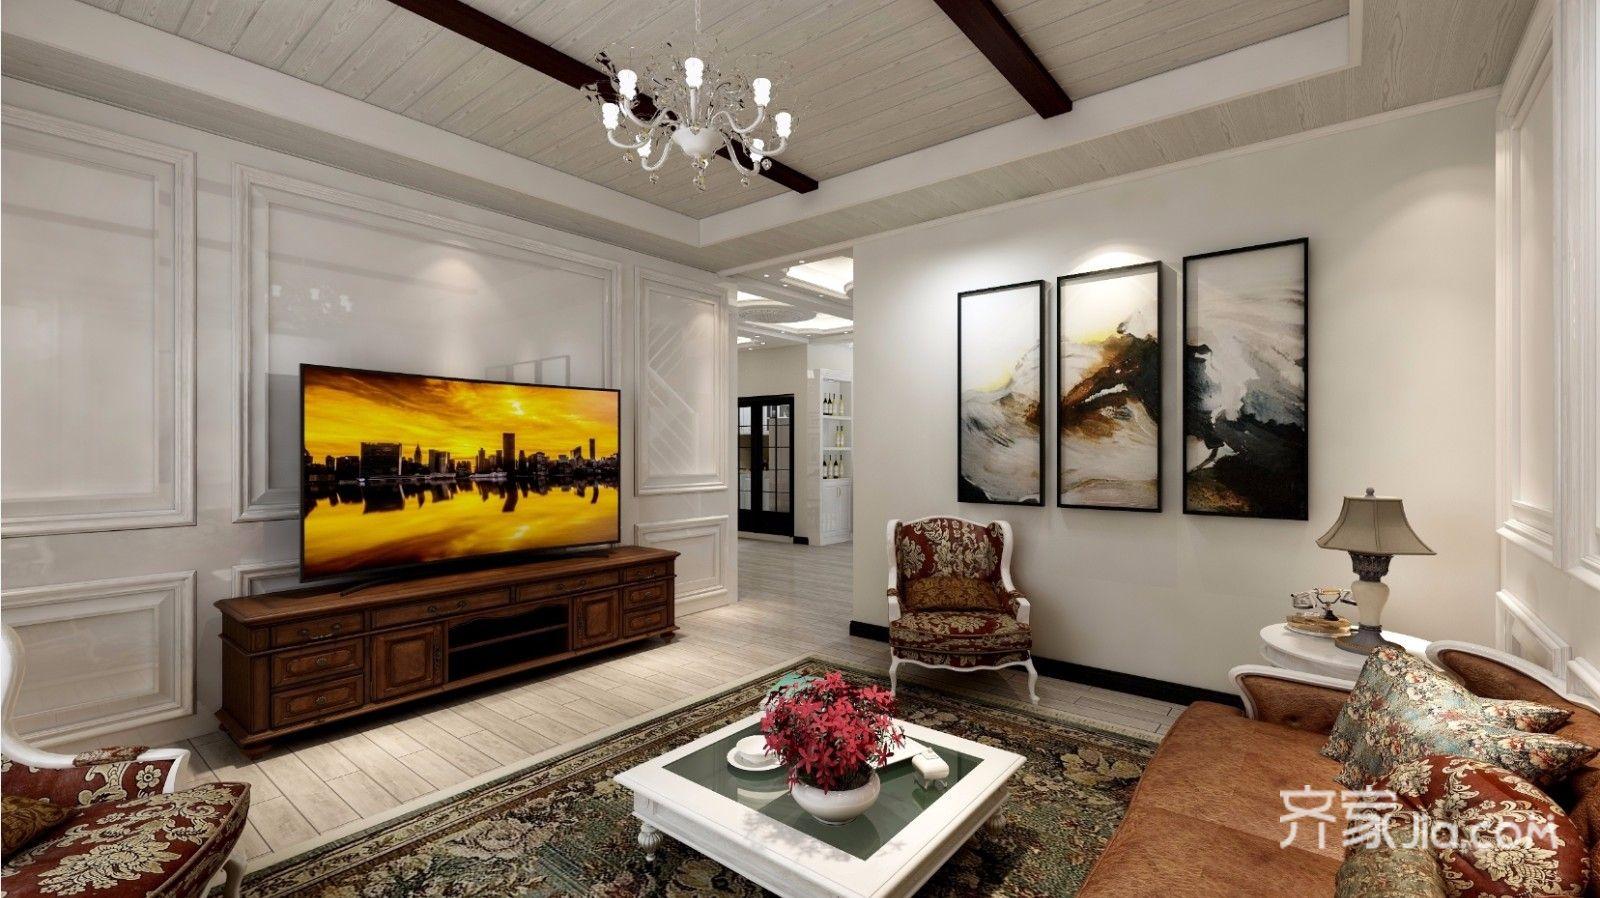 150平米欧式风格客厅装修效果图